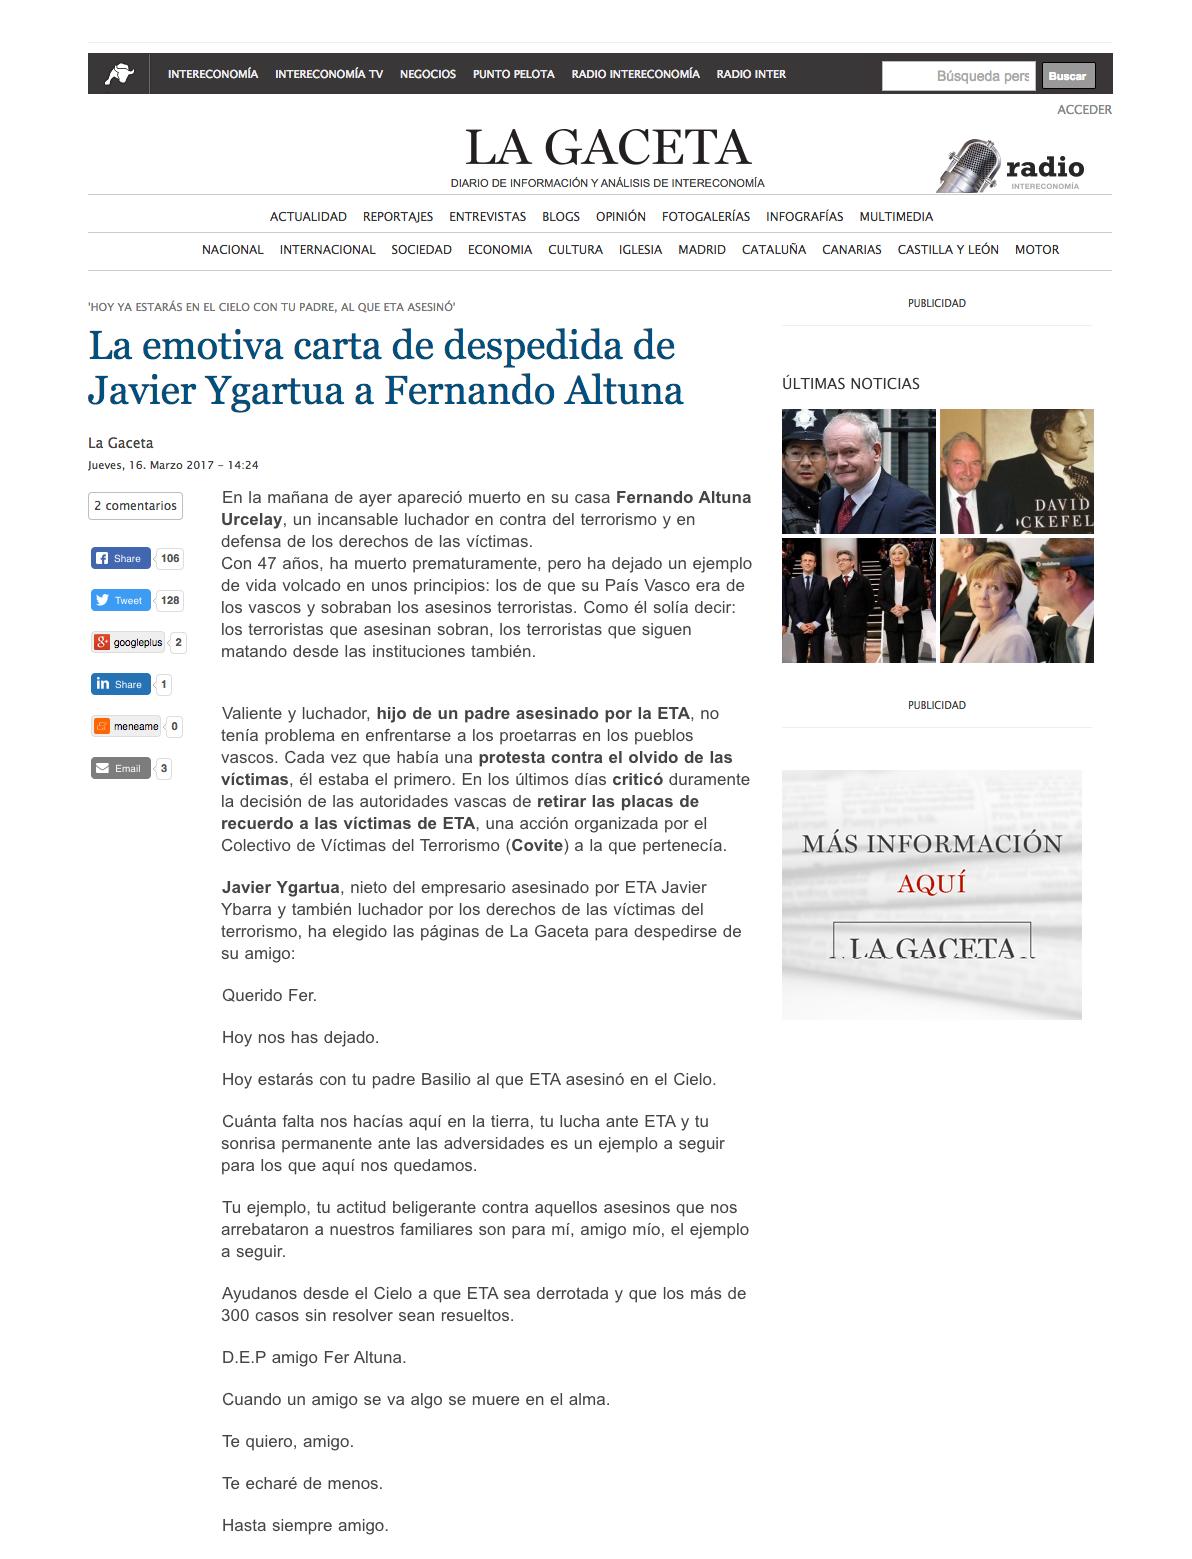 la_gaceta_ygartua